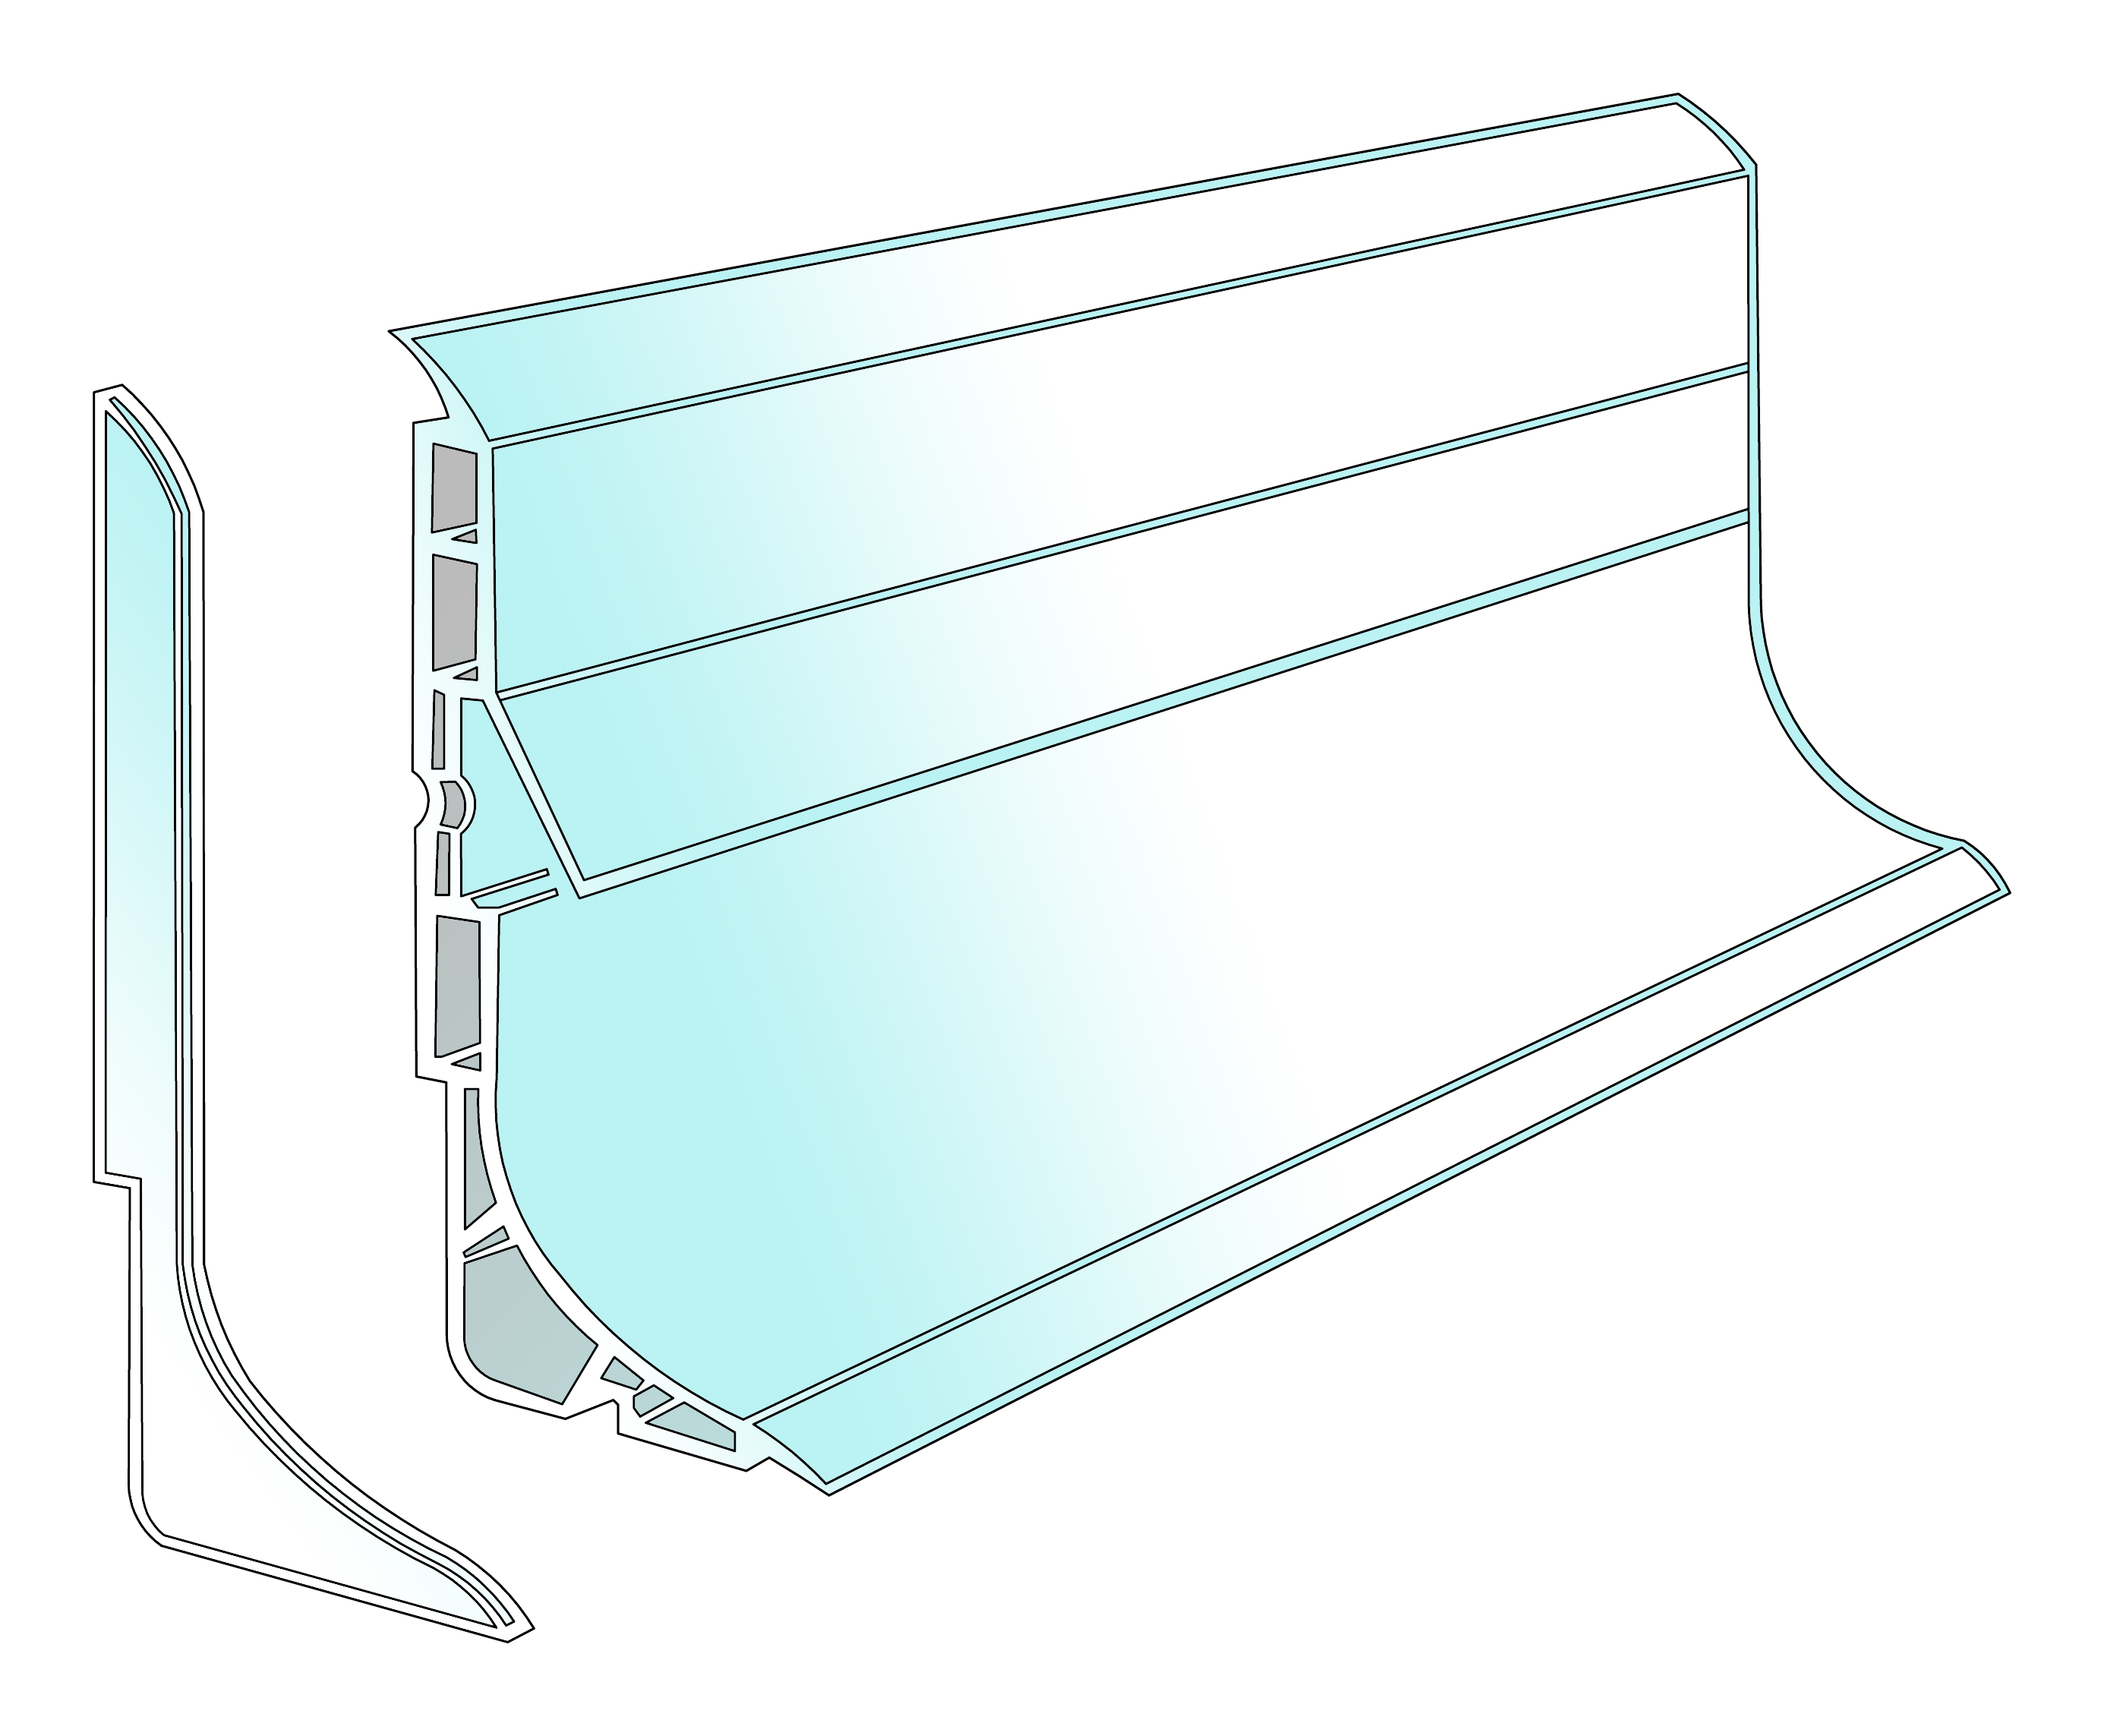 accessoires et portes pour panneaux frigo panneau frigo var 83 france. Black Bedroom Furniture Sets. Home Design Ideas